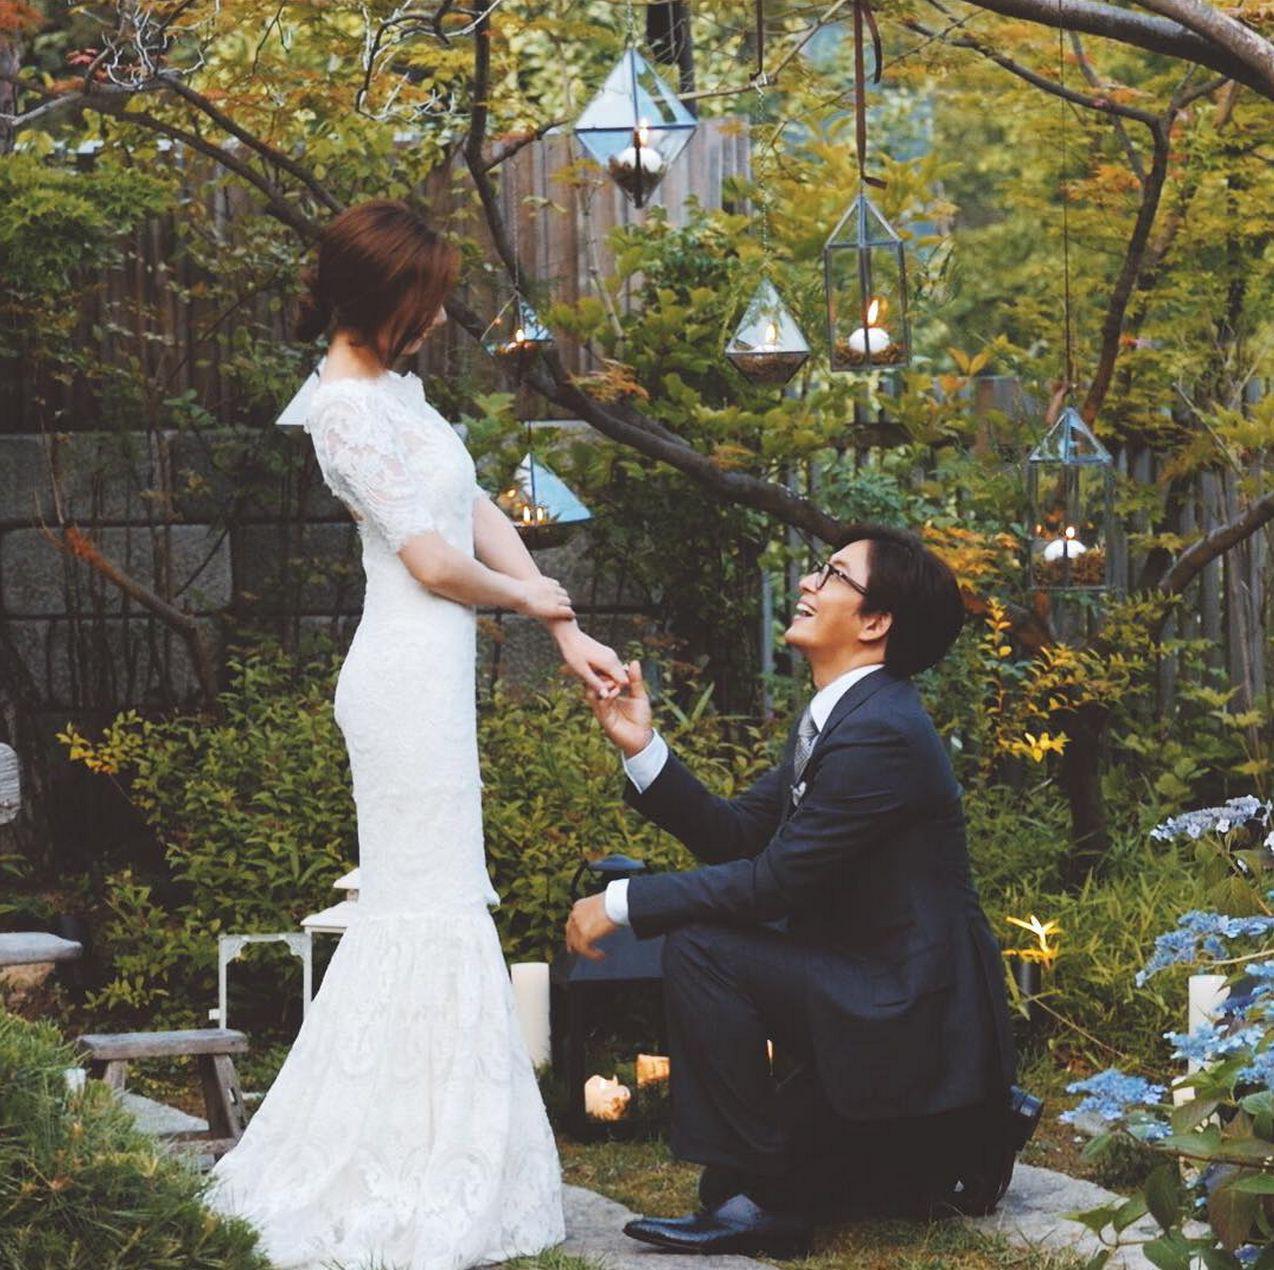 Một bước lên tiên nhờ cưới 'ông hoàng' Bae Yong Joon, tình bạn mỹ nhân 'Vườn sao băng' và Heechul thay đổi bất ngờ - Ảnh 2.